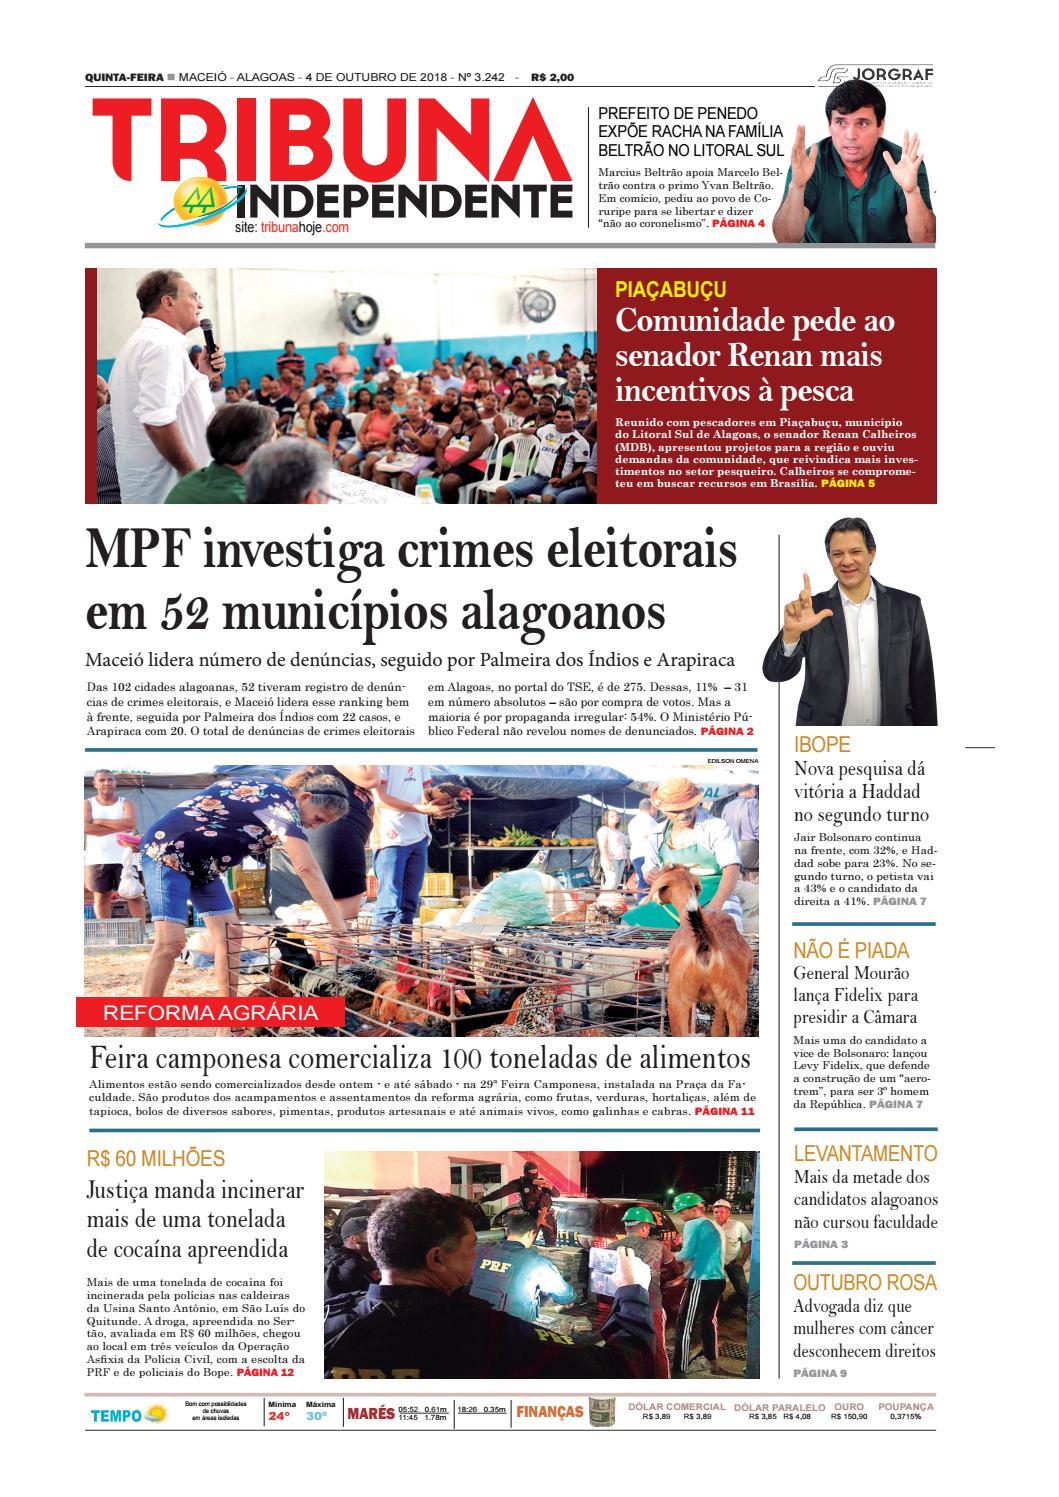 54916b91e Edição número 3242 - 4 de outubro de 2018 by Tribuna Hoje - issuu